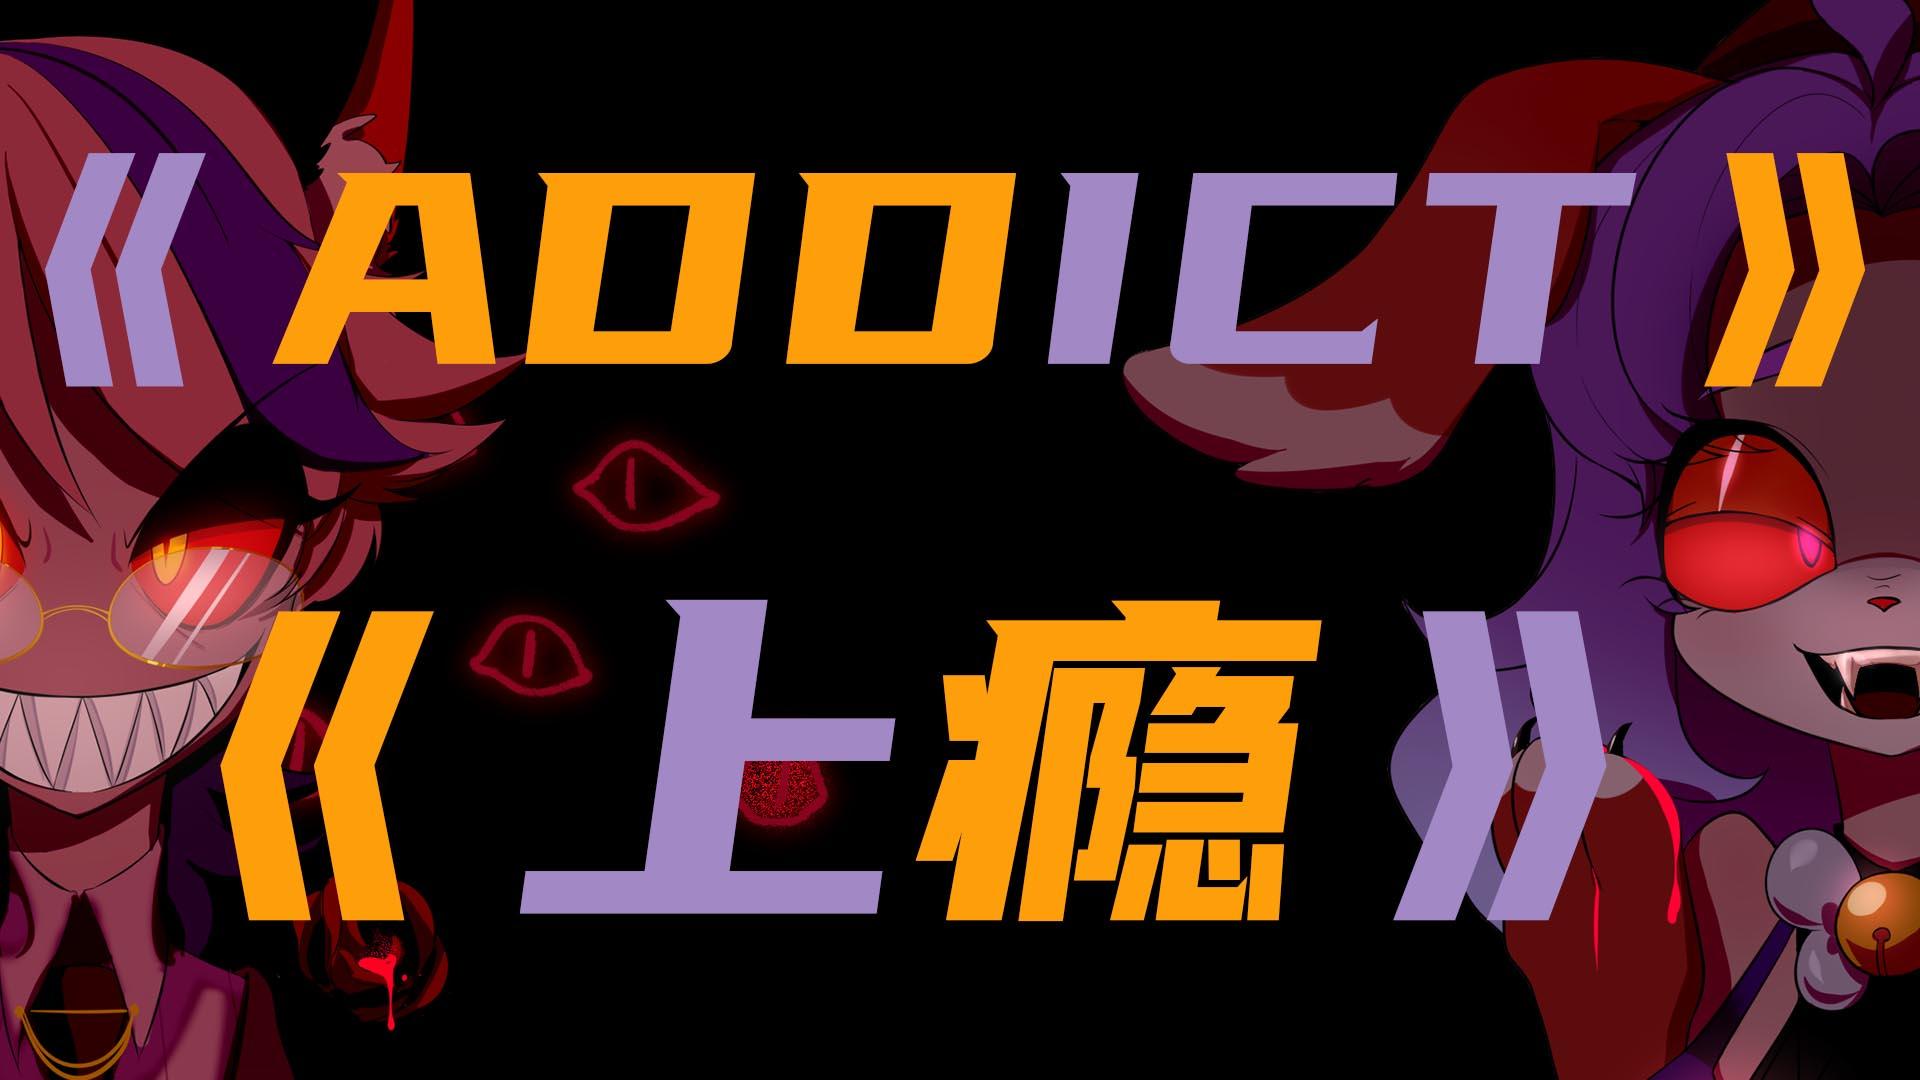 【晴歌组】【VUP万圣祭】迷醉疯狂后服从内心的恶魔吧!《地狱客栈》衍生曲-ADDICT【A站独家】